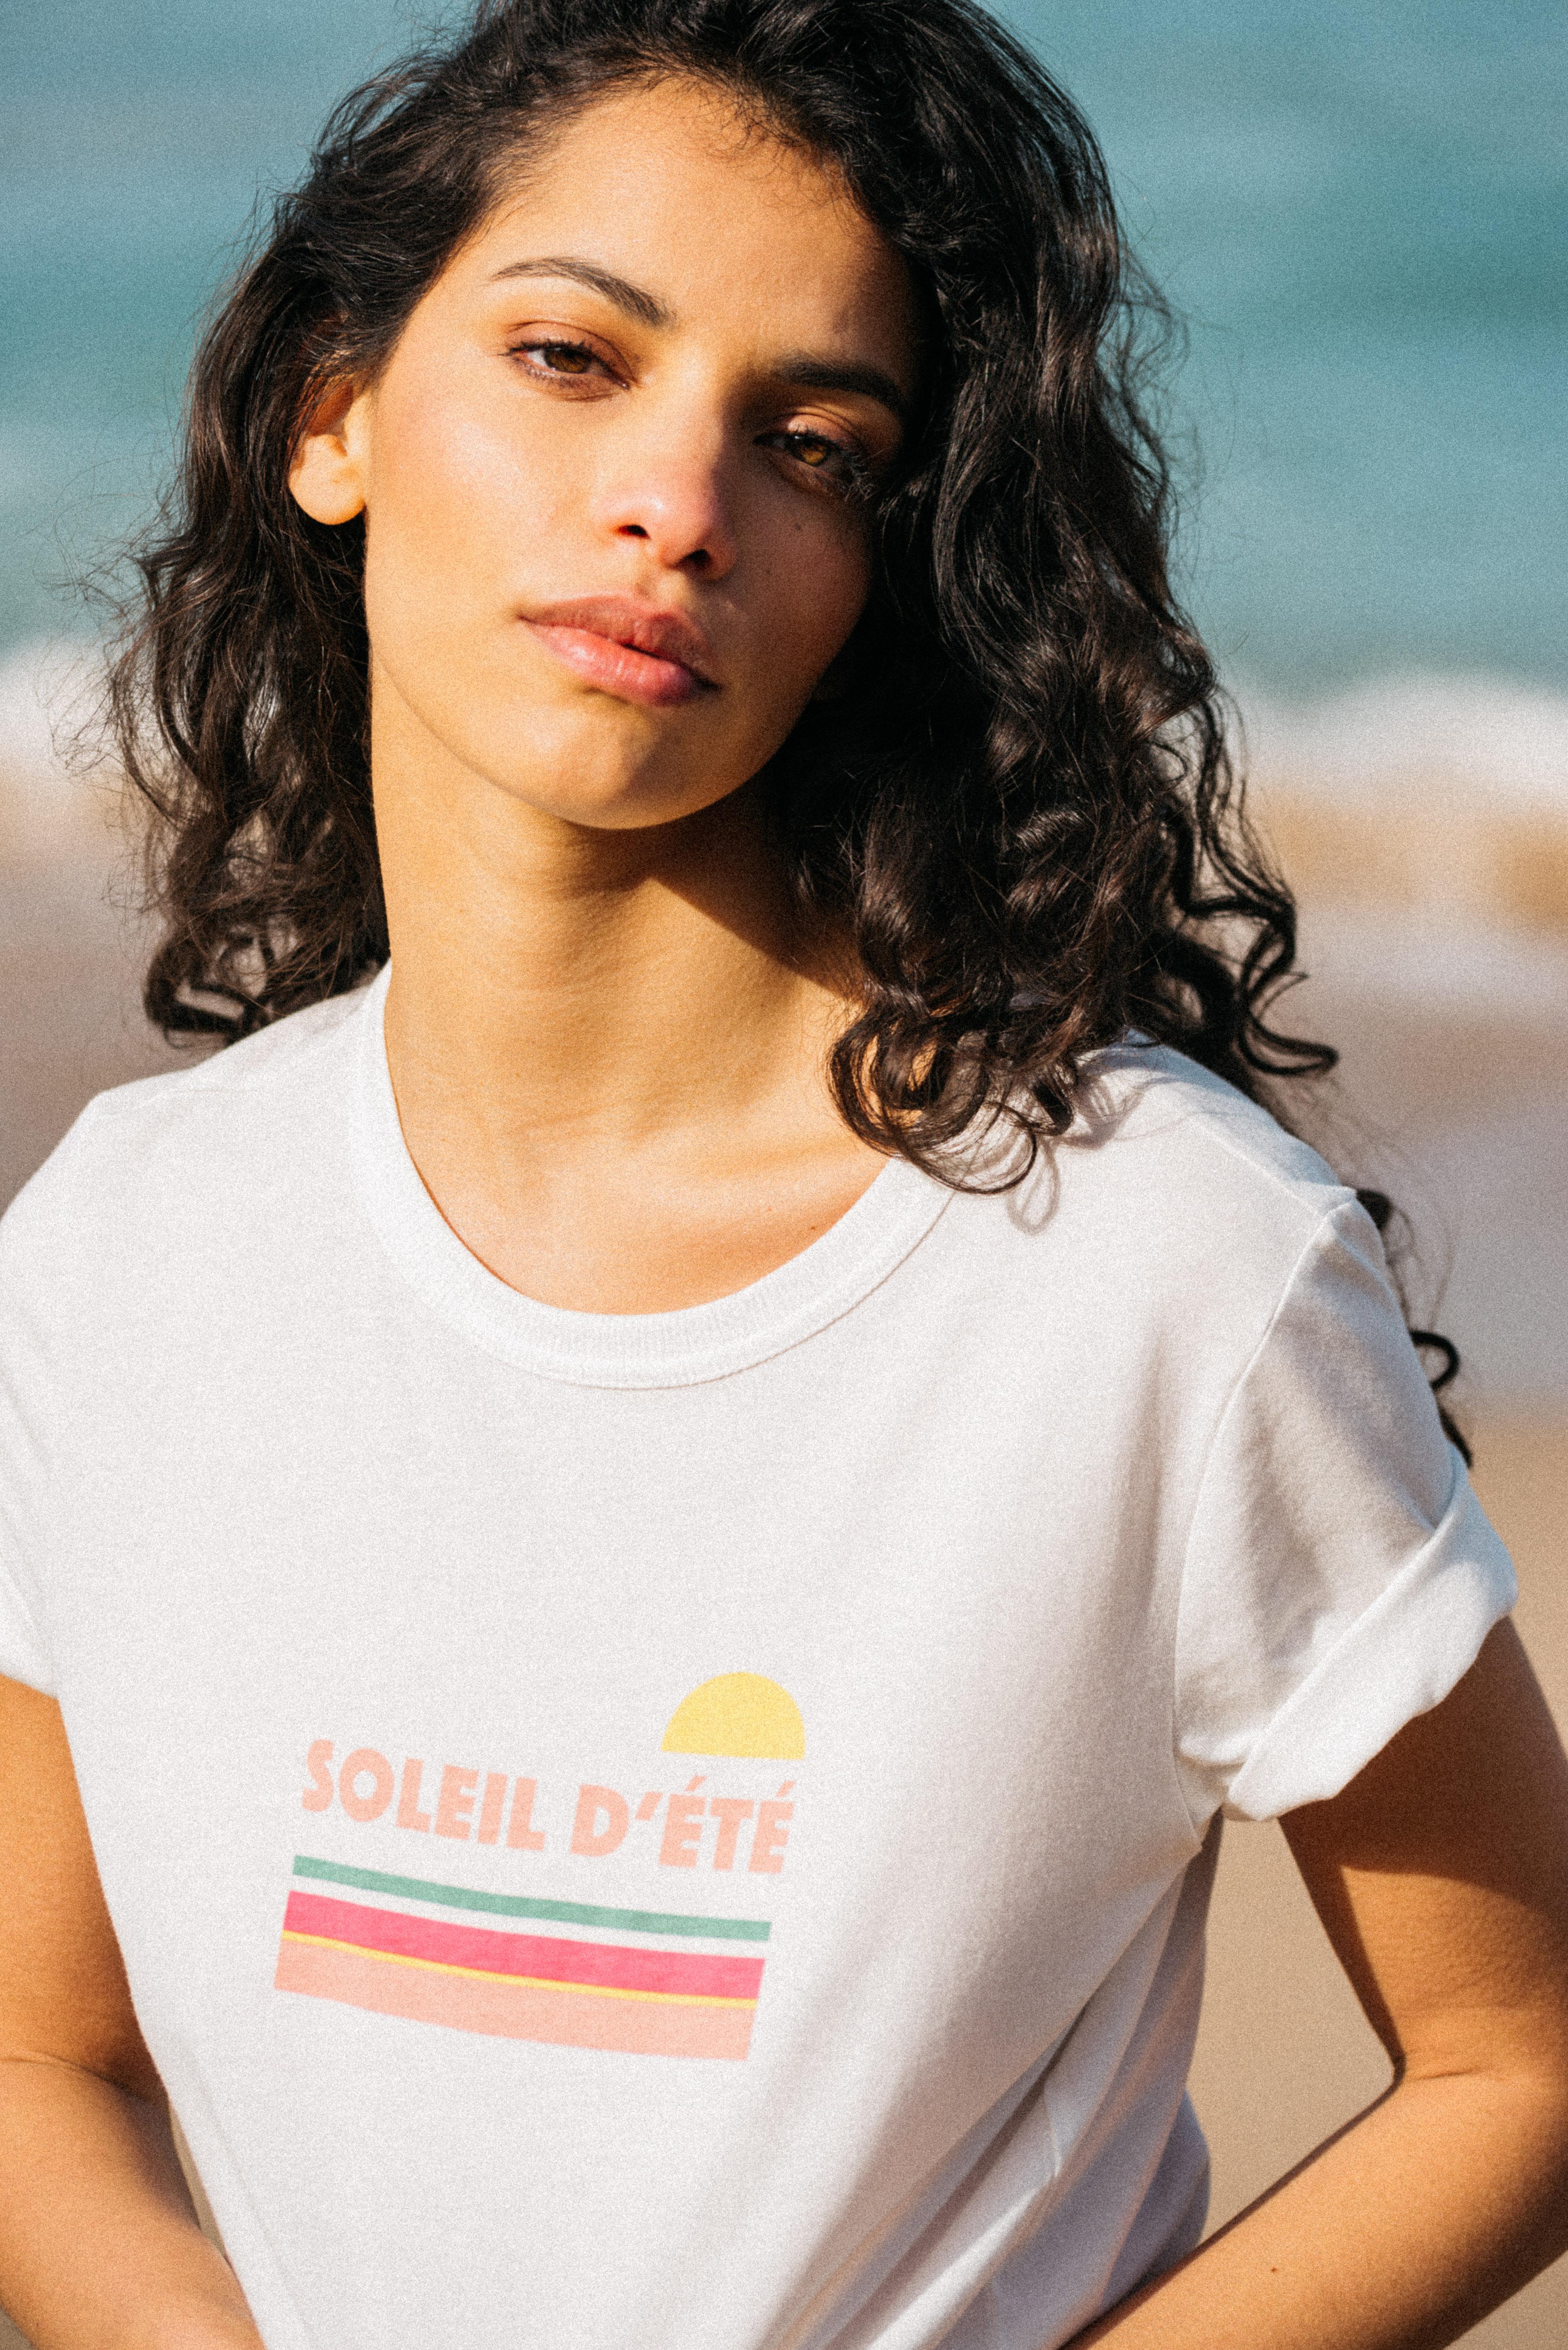 Tee-shirt Soleil d'été